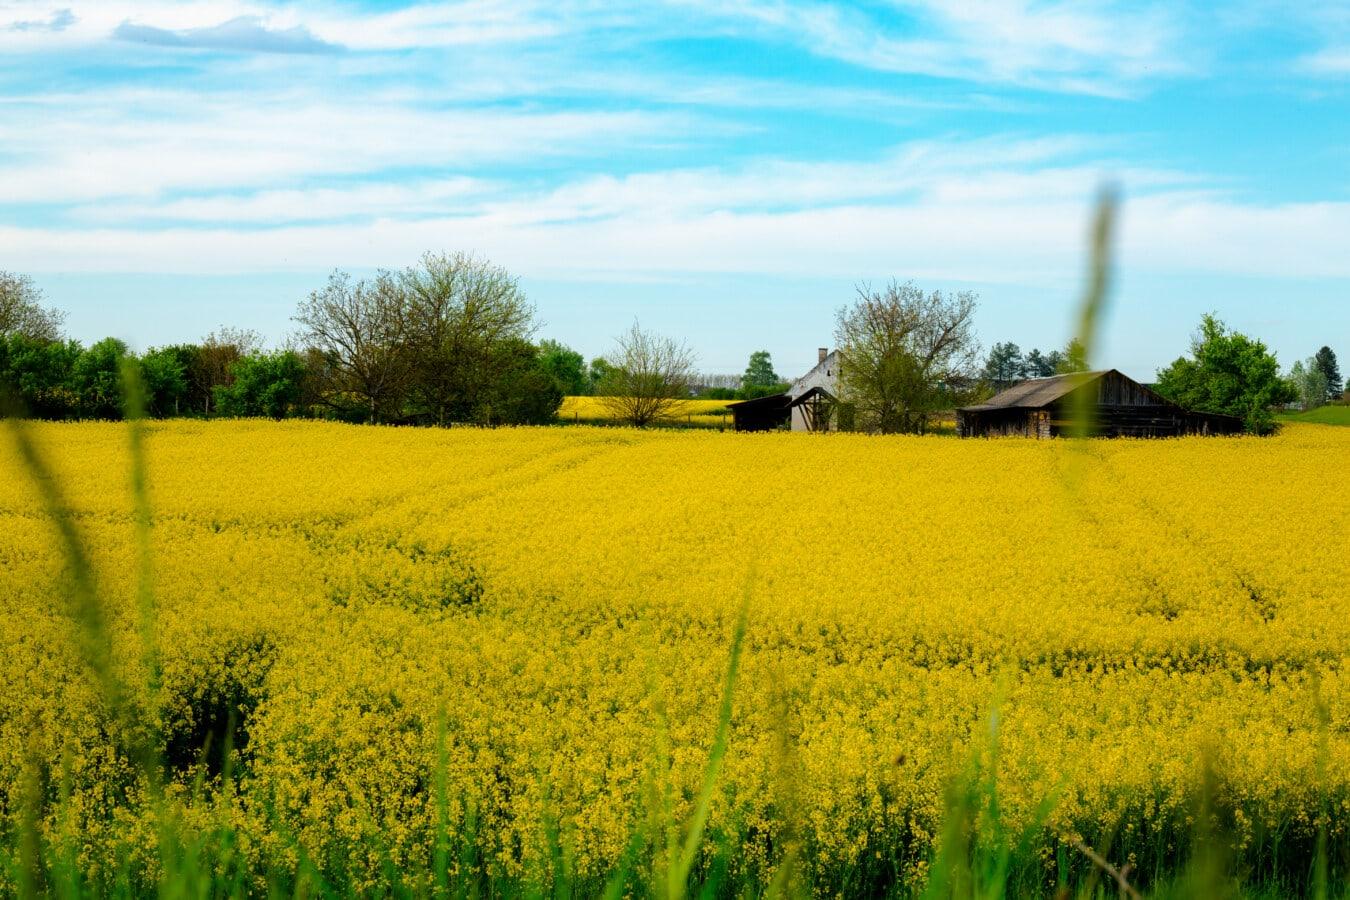 Feld, Raps, Ackerland, majestätisch, Landschaft, idyllisch, Samen, Bauernhof, Landwirtschaft, Wiese